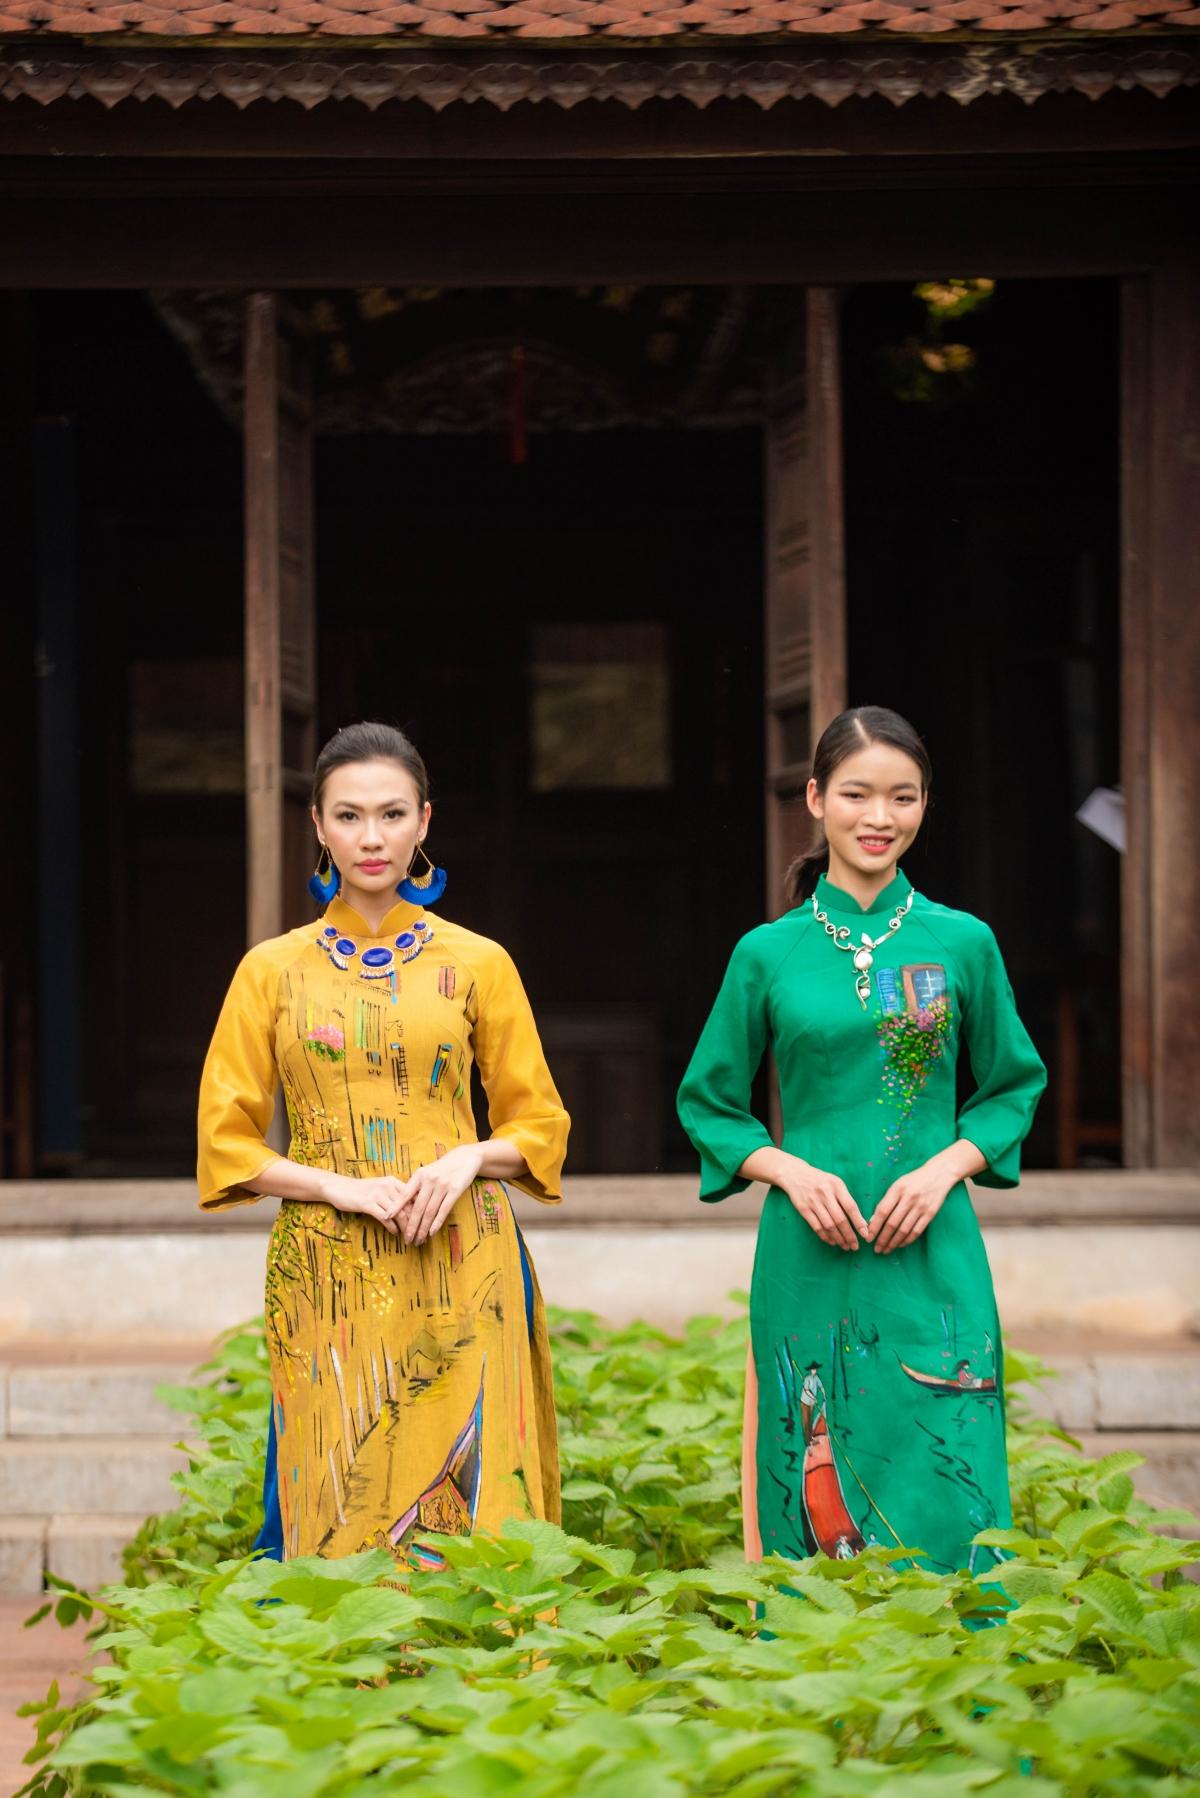 Hơn 600 bộ áo dài sẽ được giới thiệu trong chương trình.